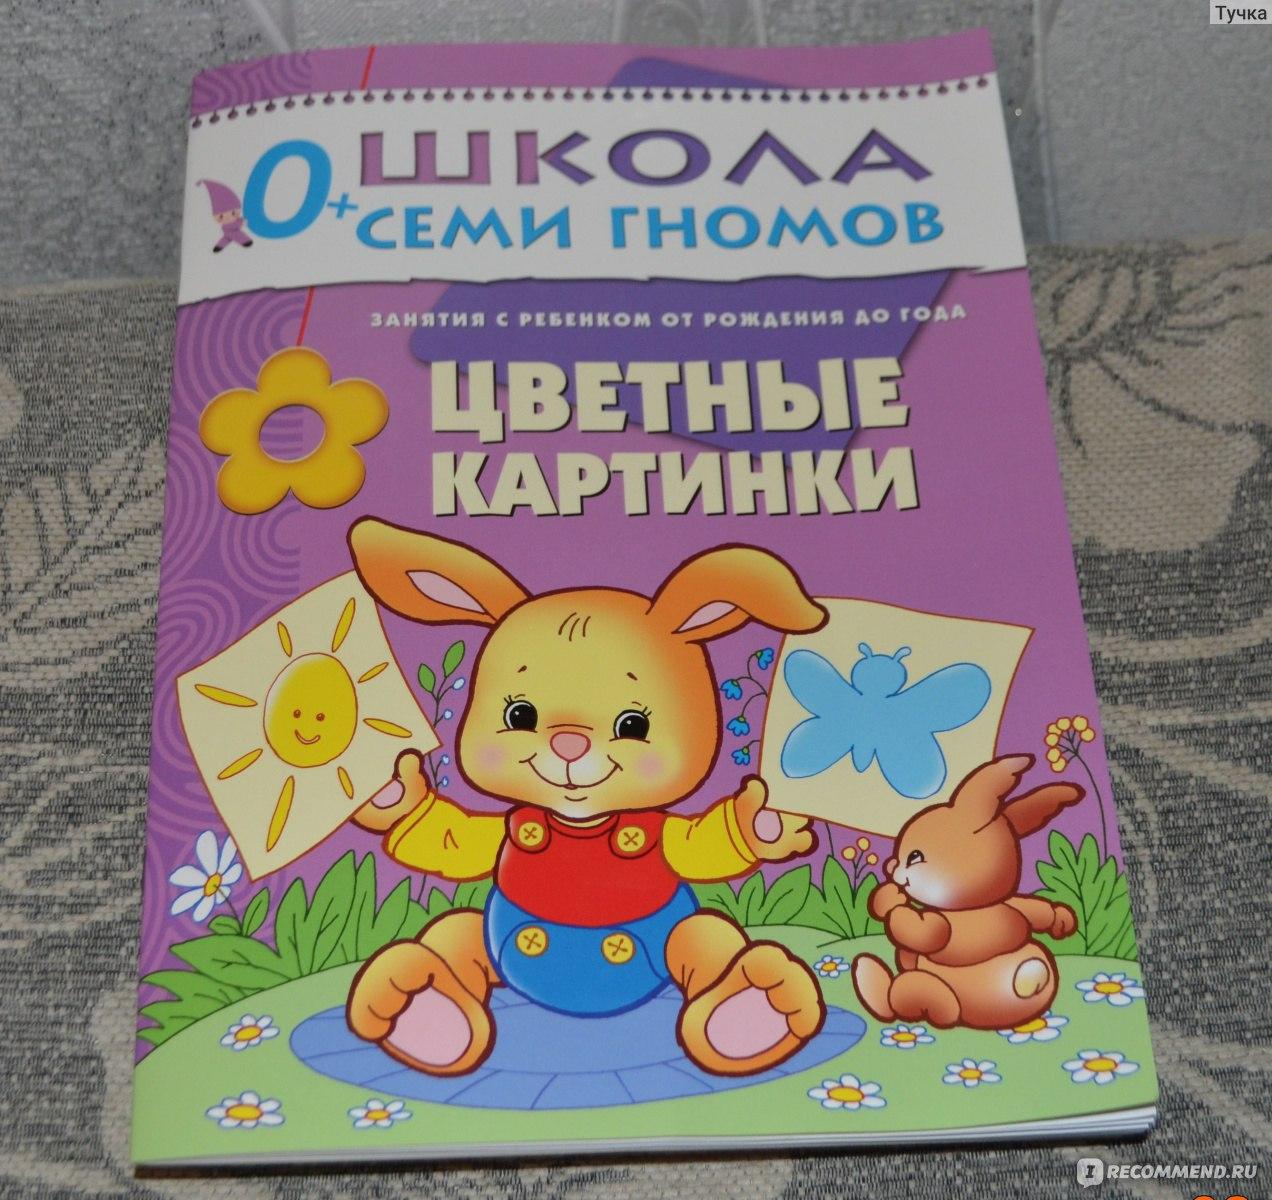 Школа семи гномов книга цветные картинки